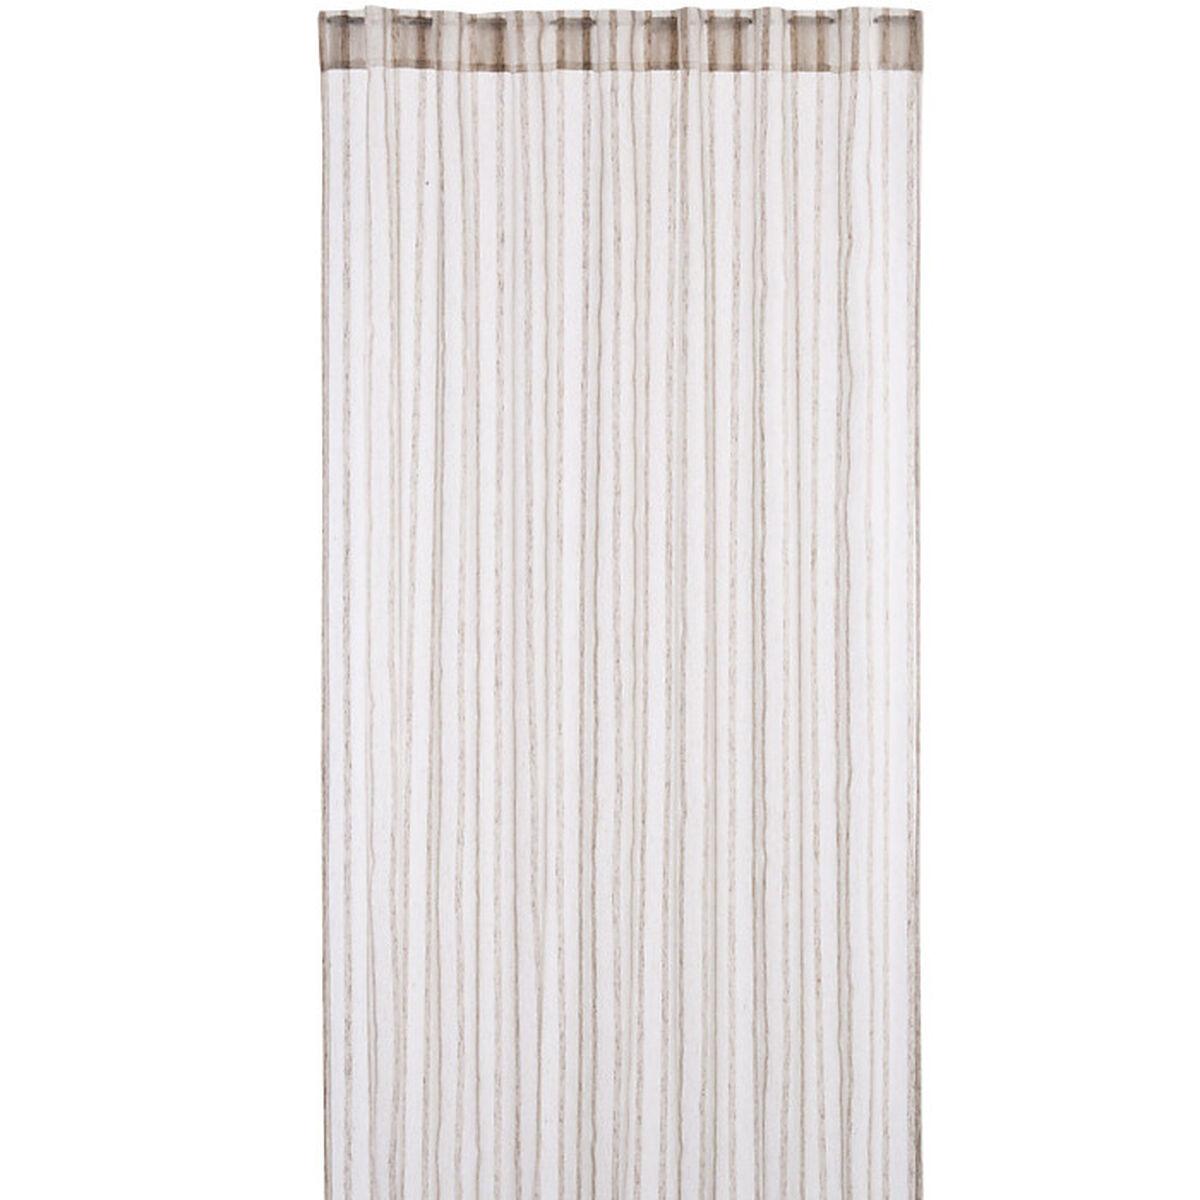 vorhang mit 8 verdeckten schlaufen polyester leinen natur. Black Bedroom Furniture Sets. Home Design Ideas